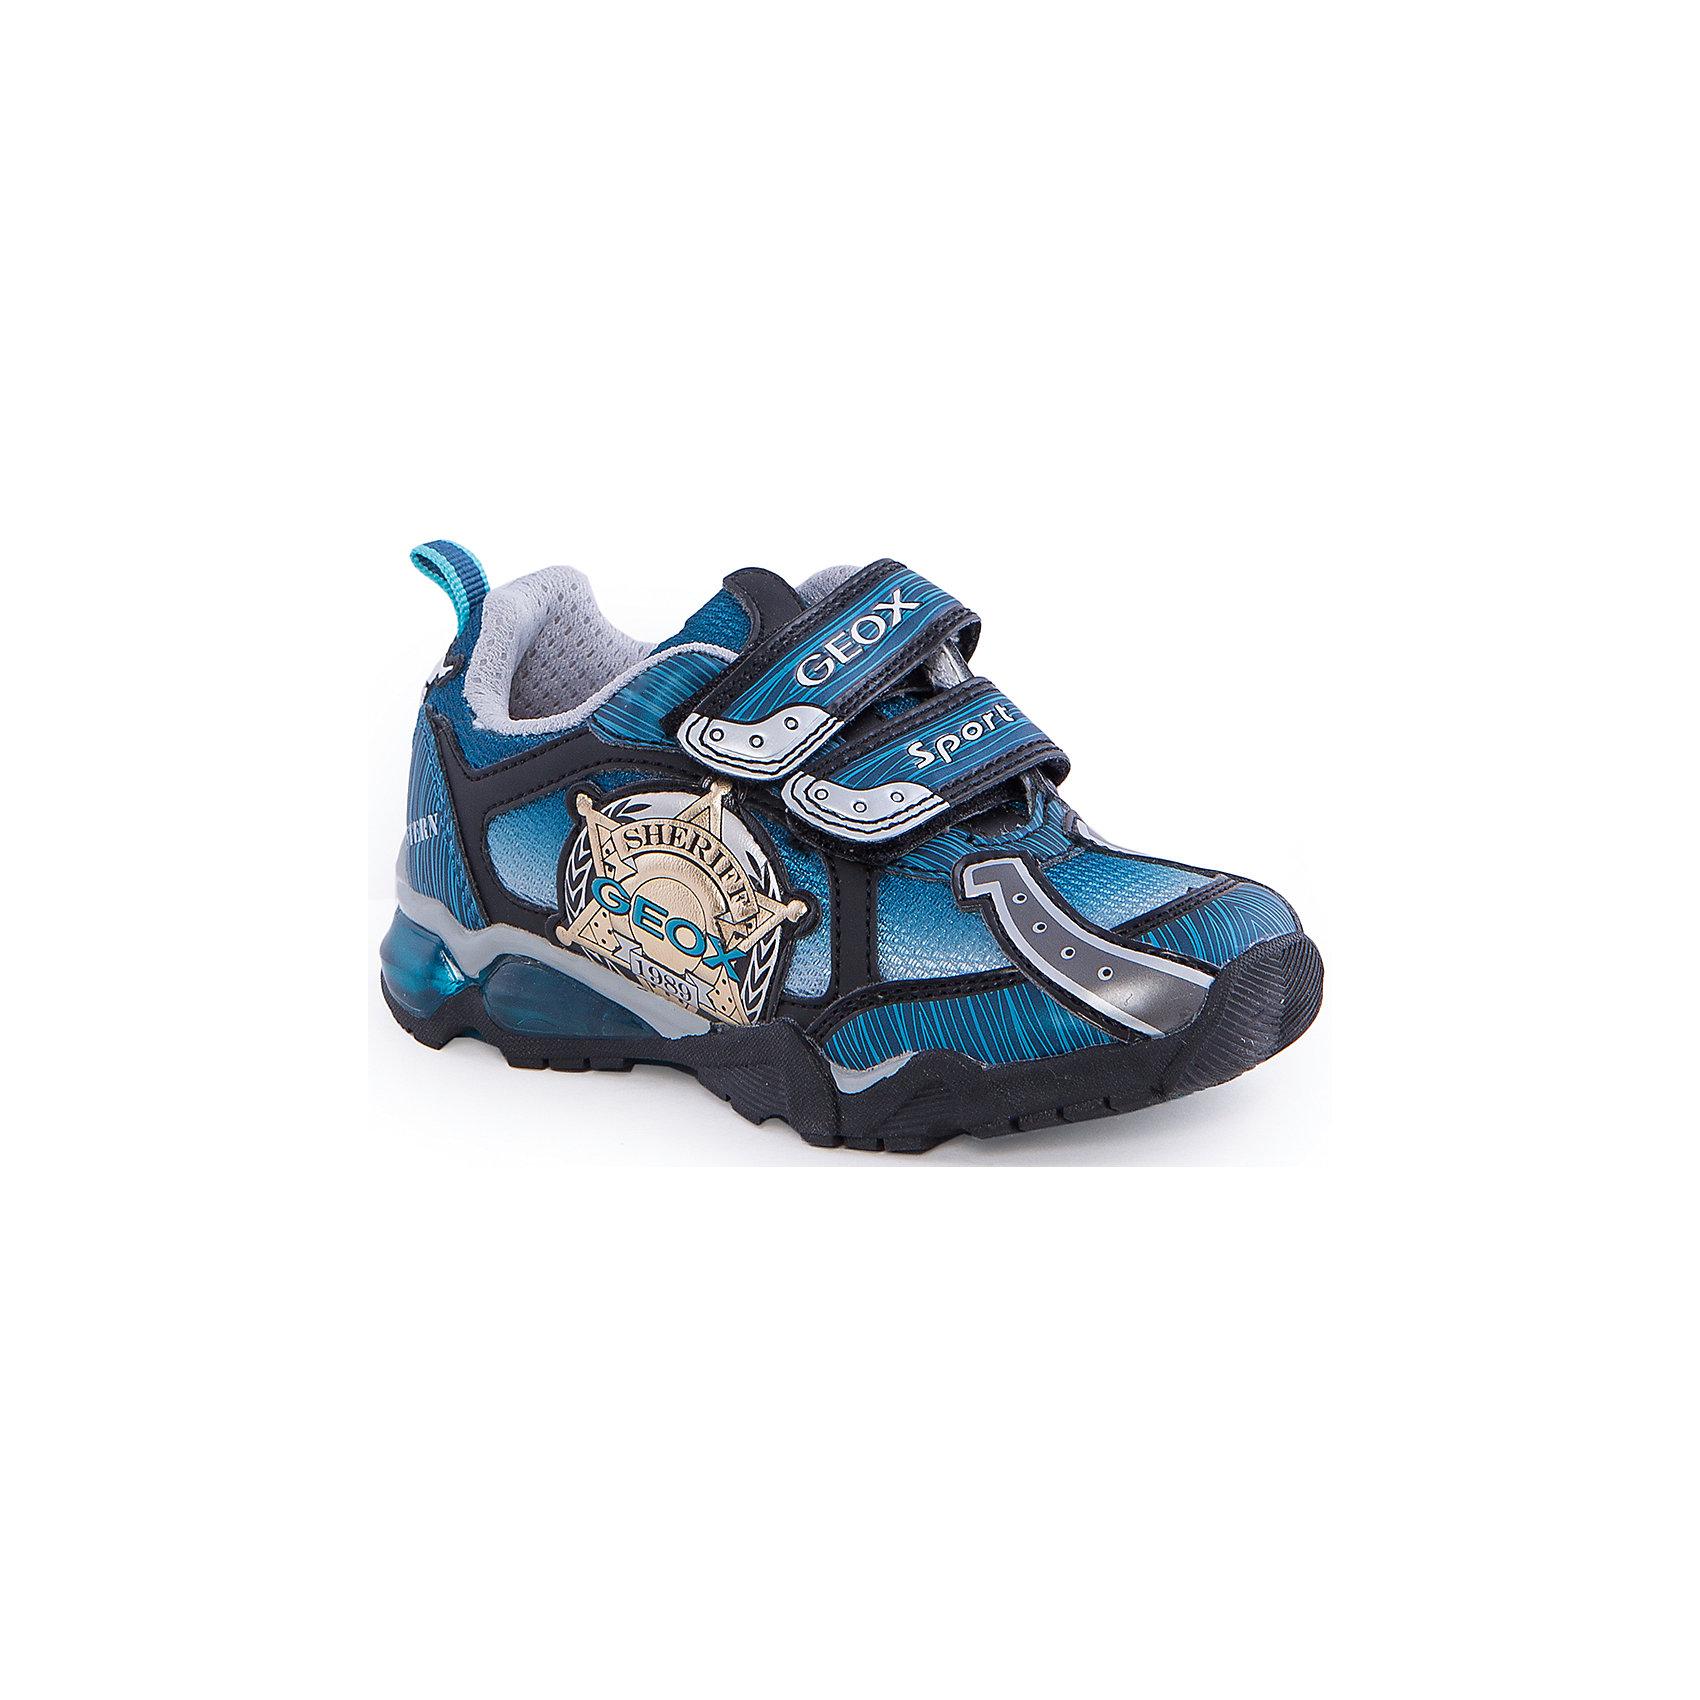 Кроссовки со светодиодами для мальчика GEOXКроссовки для мальчика от популярной марки GEOX (Геокс).<br><br>Эти модные и удобные кроссовки - отличная обувь для нового весеннего сезона. Модель очень стильно и оригинально смотрится.<br>Производитель обуви заботится не только о внешнем виде, но и стабильно высоком качестве продукции. GEOX (Геокс) разработал специальную дышащую подошву, которая не пропускает влагу внутрь, а также высокотехнологичную стельку.<br><br>Отличительные особенности модели:<br><br>- цвет: синий;<br>- декорированы аппликациями в тематике шериф;<br>- гибкая водоотталкивающая подошва с дышащей мембраной;<br>- мягкий и легкий верх;<br>- защита пальцев и пятки;<br>- стильный дизайн;<br>- удобная застежка-липучка;<br>- комфортное облегание;<br>- верх обуви и подкладка сделаны без использования хрома.<br><br>Дополнительная информация:<br><br>- Температурный режим: от +10° С до 25° С.<br><br>- Состав:<br><br>материал верха: текстиль, синтетический материал<br>материал подкладки: текстиль<br>подошва: 100% резина<br><br>Кроссовки для мальчика GEOX (Геокс) (Геокс) можно купить в нашем магазине.<br><br>Ширина мм: 250<br>Глубина мм: 150<br>Высота мм: 150<br>Вес г: 250<br>Цвет: синий<br>Возраст от месяцев: 96<br>Возраст до месяцев: 108<br>Пол: Мужской<br>Возраст: Детский<br>Размер: 32,34,35,31,28,26,33,27,29,30<br>SKU: 4519378